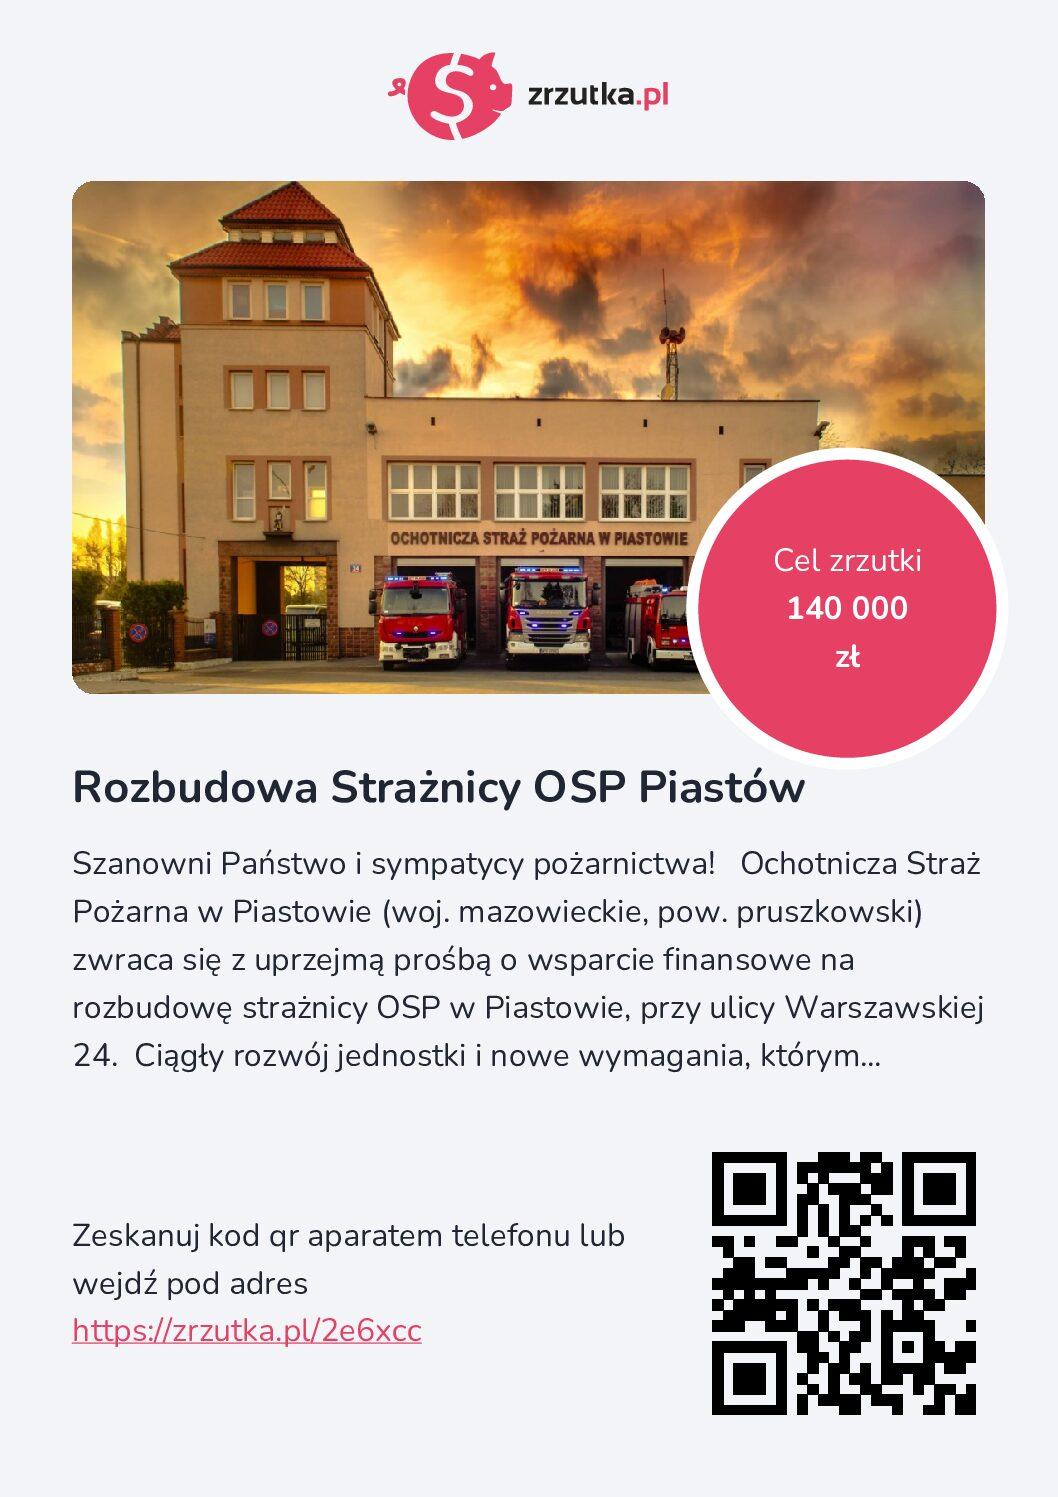 Wsparcie dla OSP w Piastowie